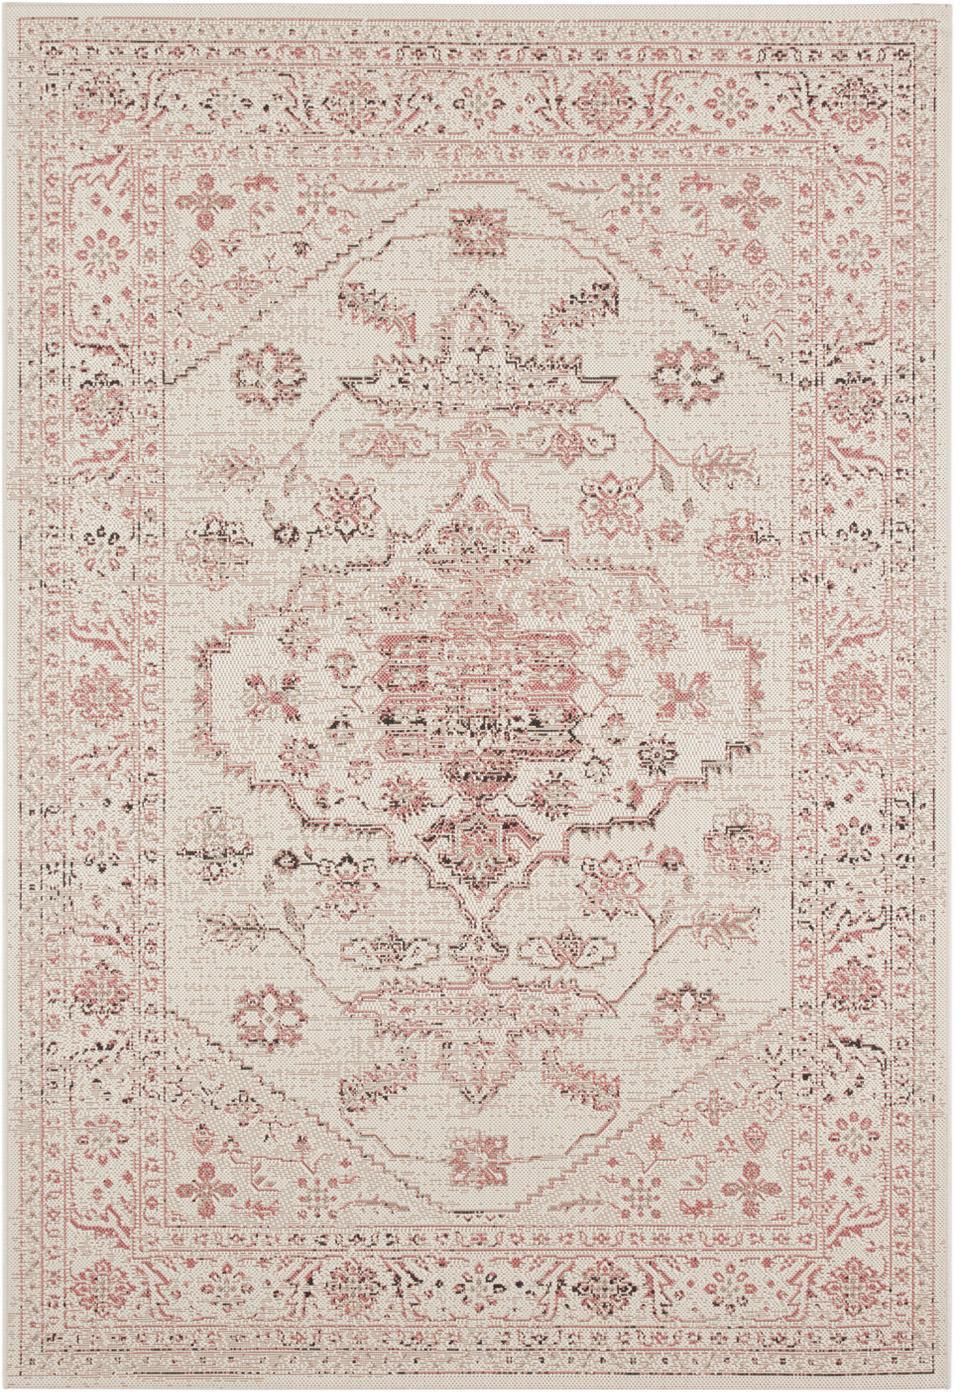 In- & Outdoor-Teppich Navarino Red im Vintage Look, 100% Polypropylen, Cremefarben, Rosa, B 200 x L 290 cm (Größe L)